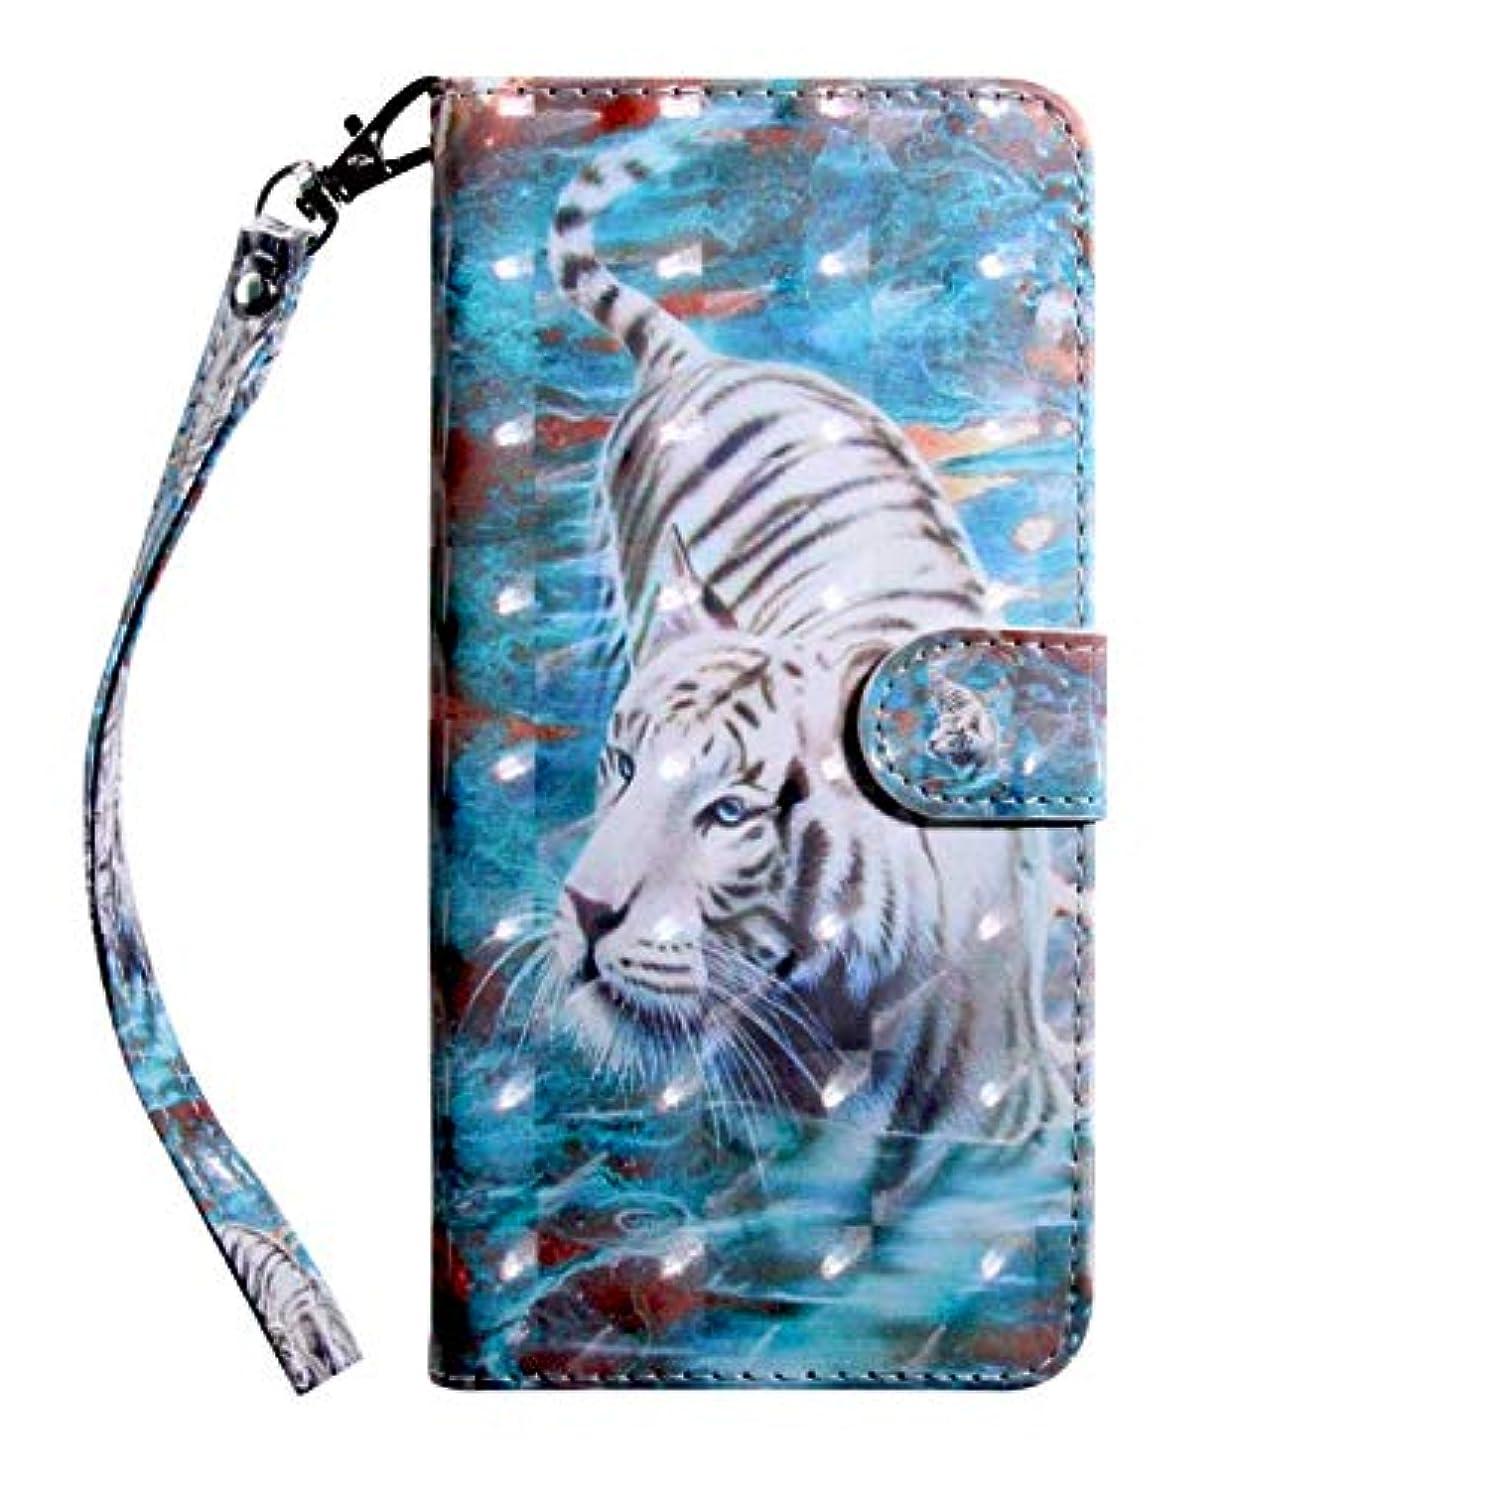 同じ地質学アミューズメントiPhone 7 Plus/iPhone 8 Plus 手帳型 ケース, Zeebox® 高級PUレザー 薄型 簡約風 人気 財布型 ケース, カード収納 スタンド 機能 マグネット開閉式, 虎